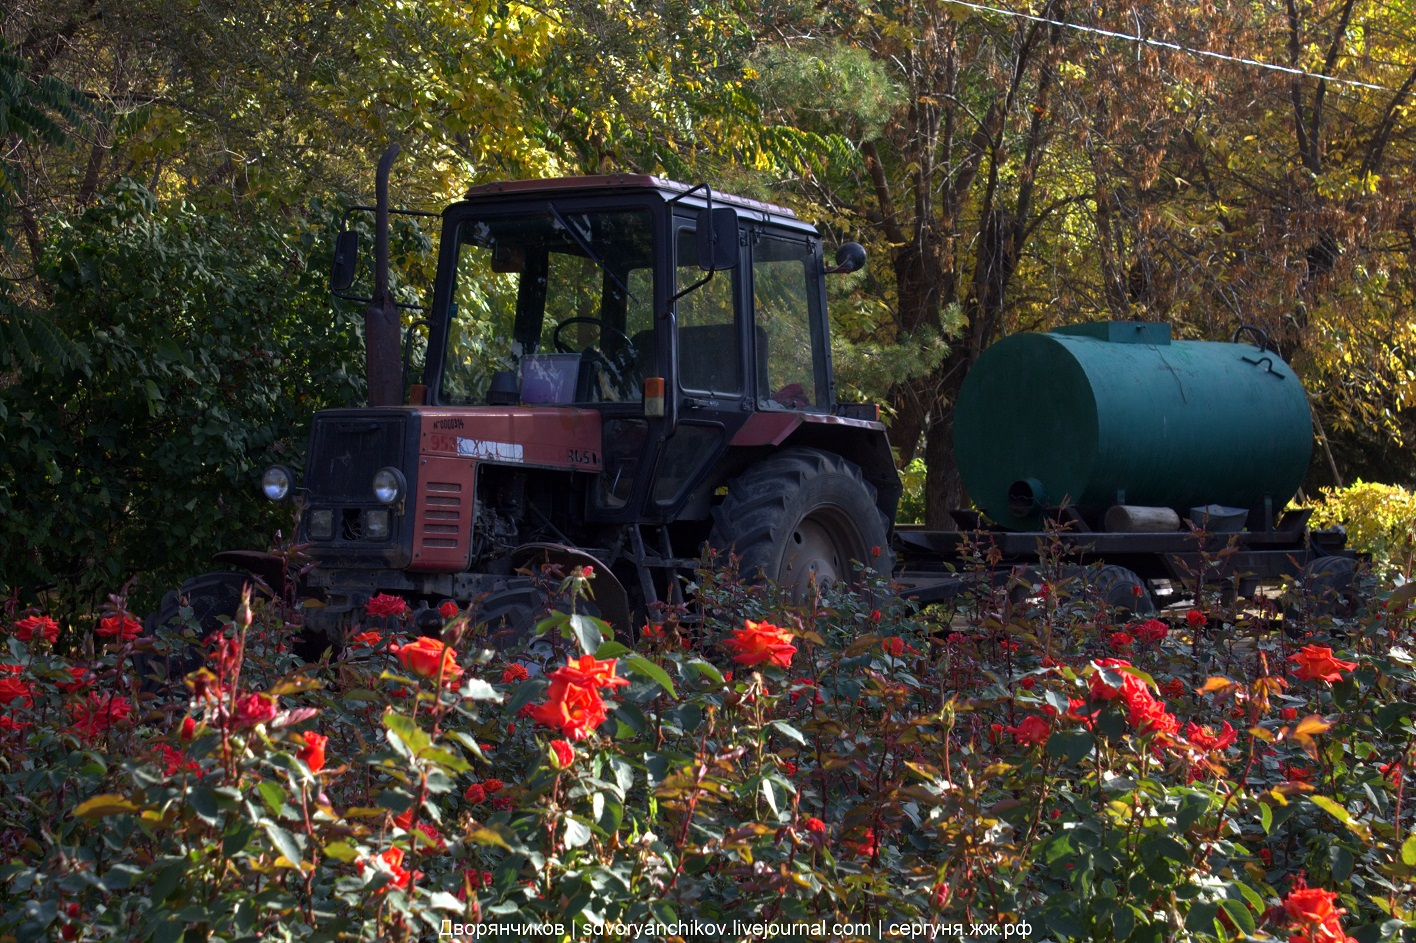 Трактор в розах - парк ВГС - 18 октября 2016